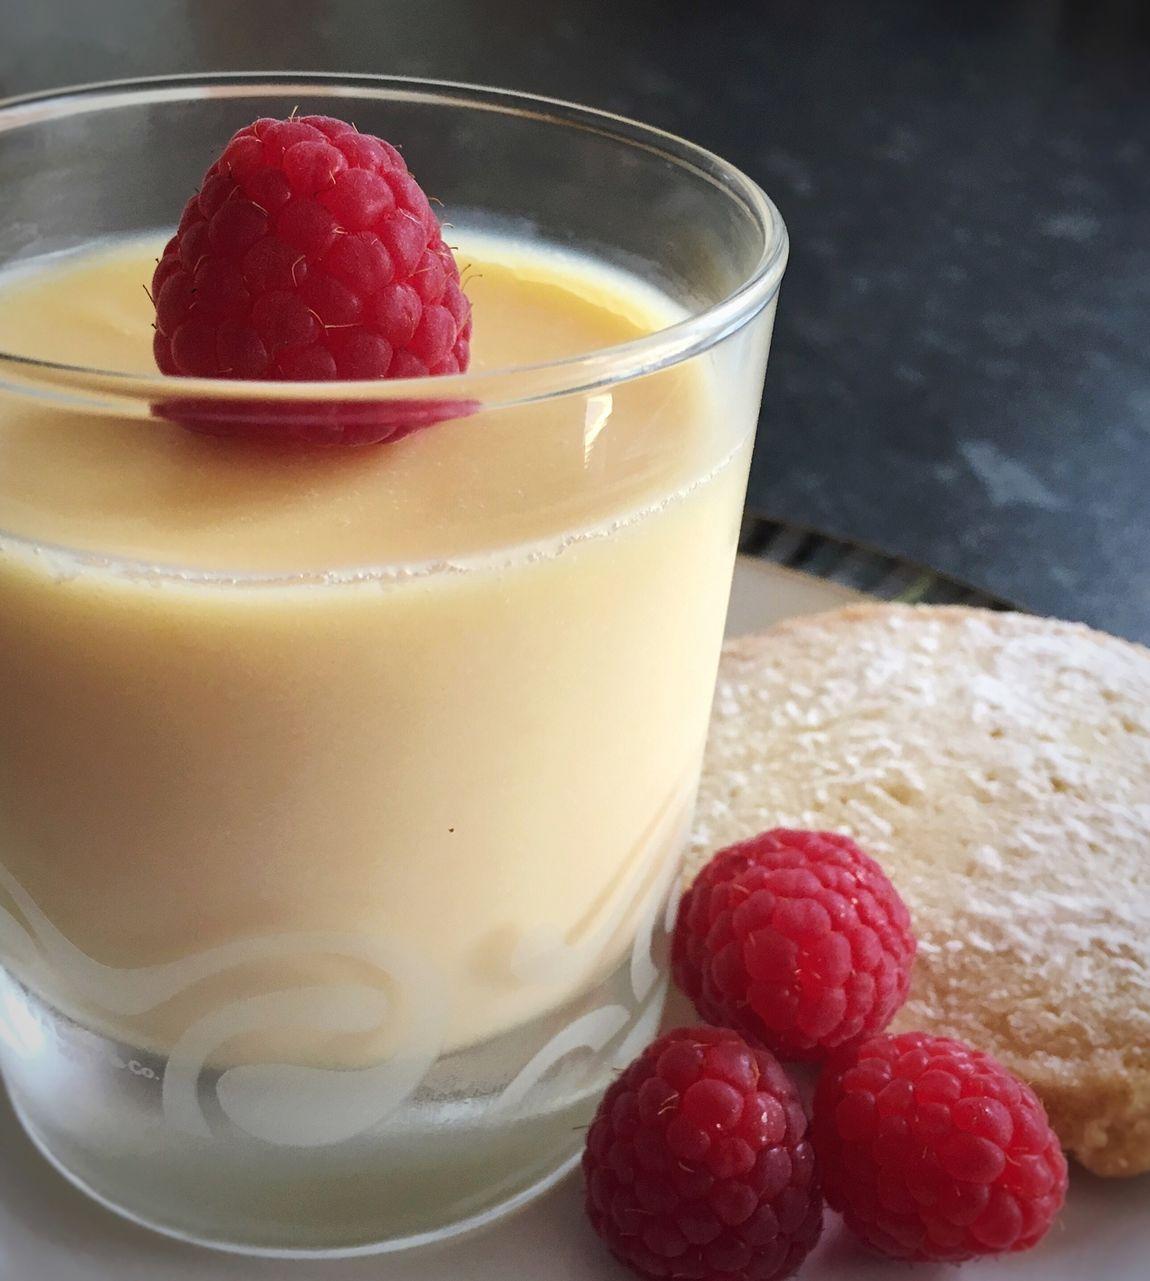 Lemon Posset dessert 😋 ... Foodstagram Foodblogday2015 Food Photography Dessert Lemon Posset Cream Homemade